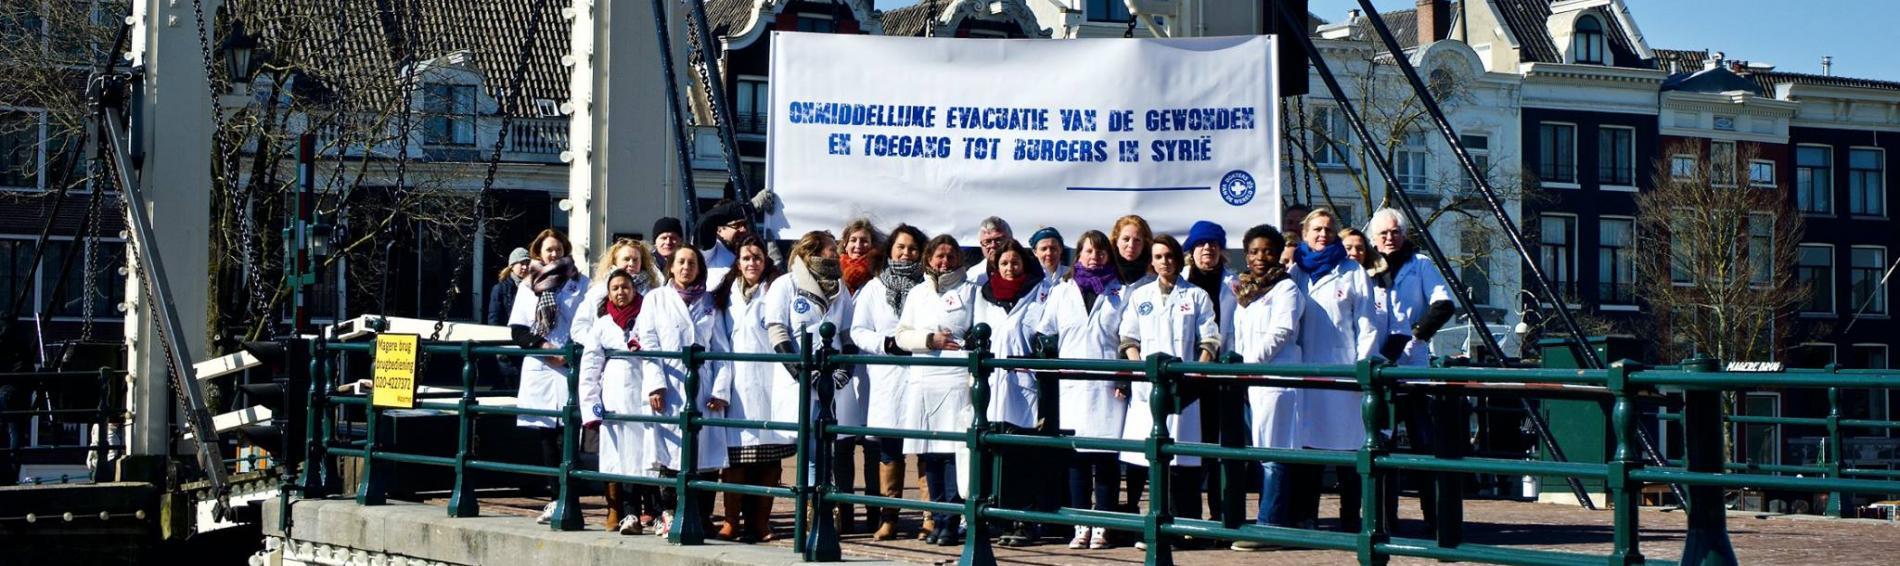 Auch in den Niederlanden protestierten Ärztinnen und Ärzte für die Menschen in Syrien. Foto: Ärzte der Welt